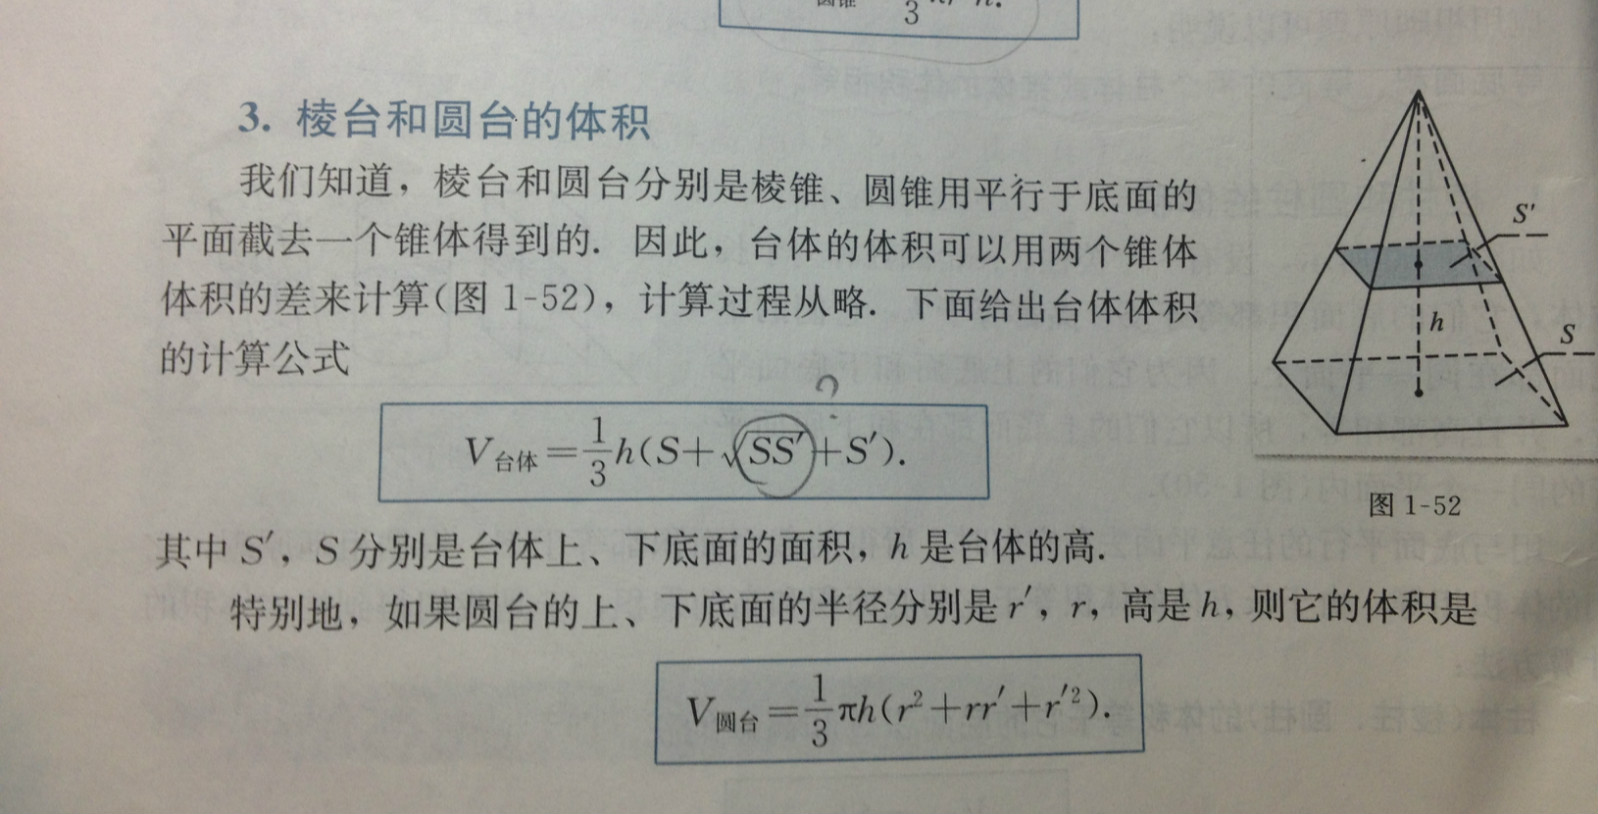 高中数学公式大全 求高中数学公式大全 初高中数学公式大全